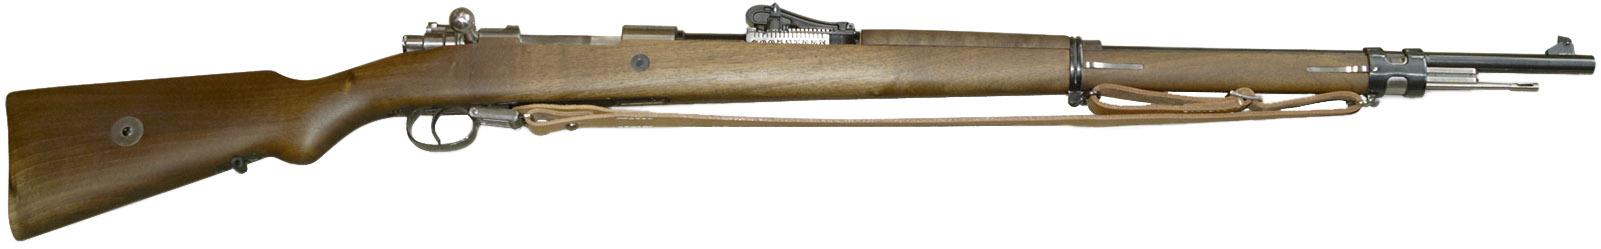 Маузер G98. Первоначальный вид, модели 1898 года.